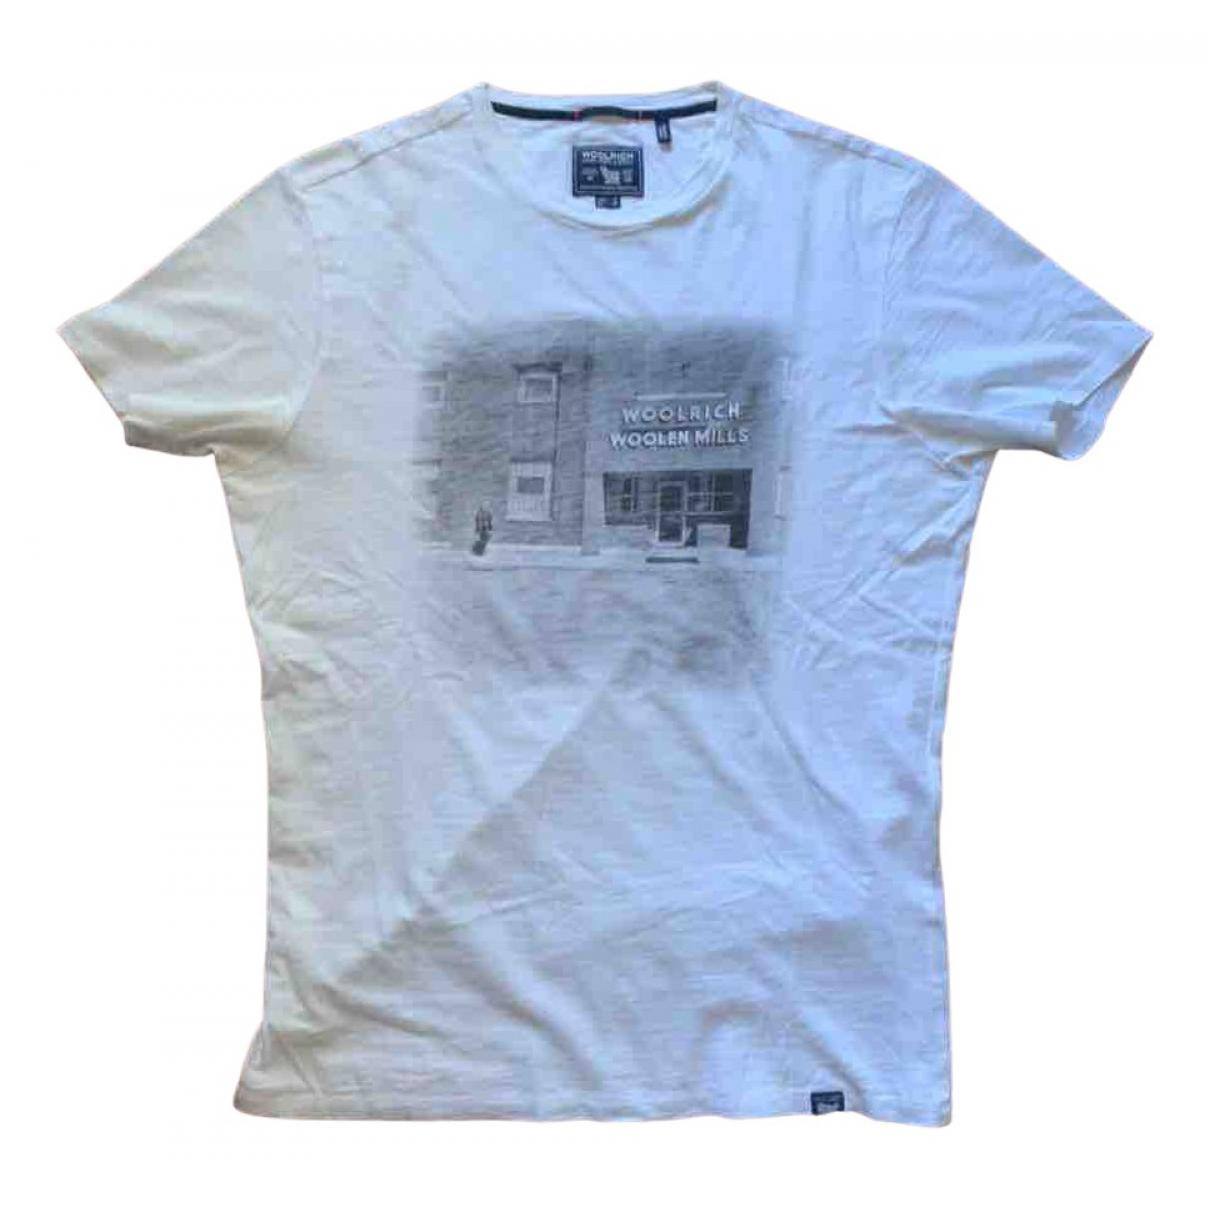 Woolrich - Tee shirts   pour homme en coton - blanc